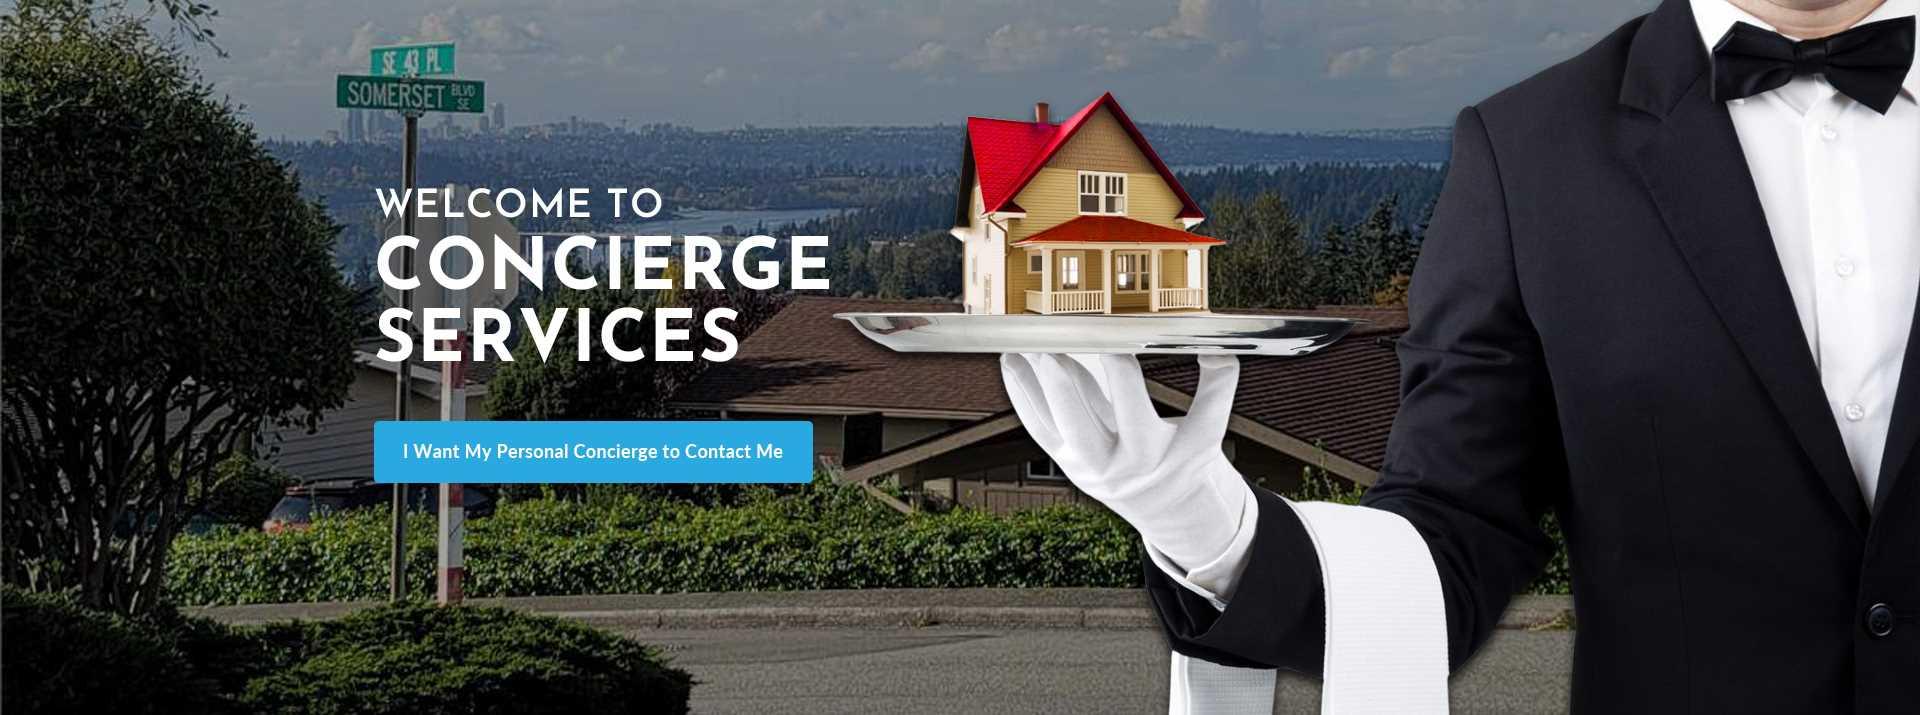 concierge services banner